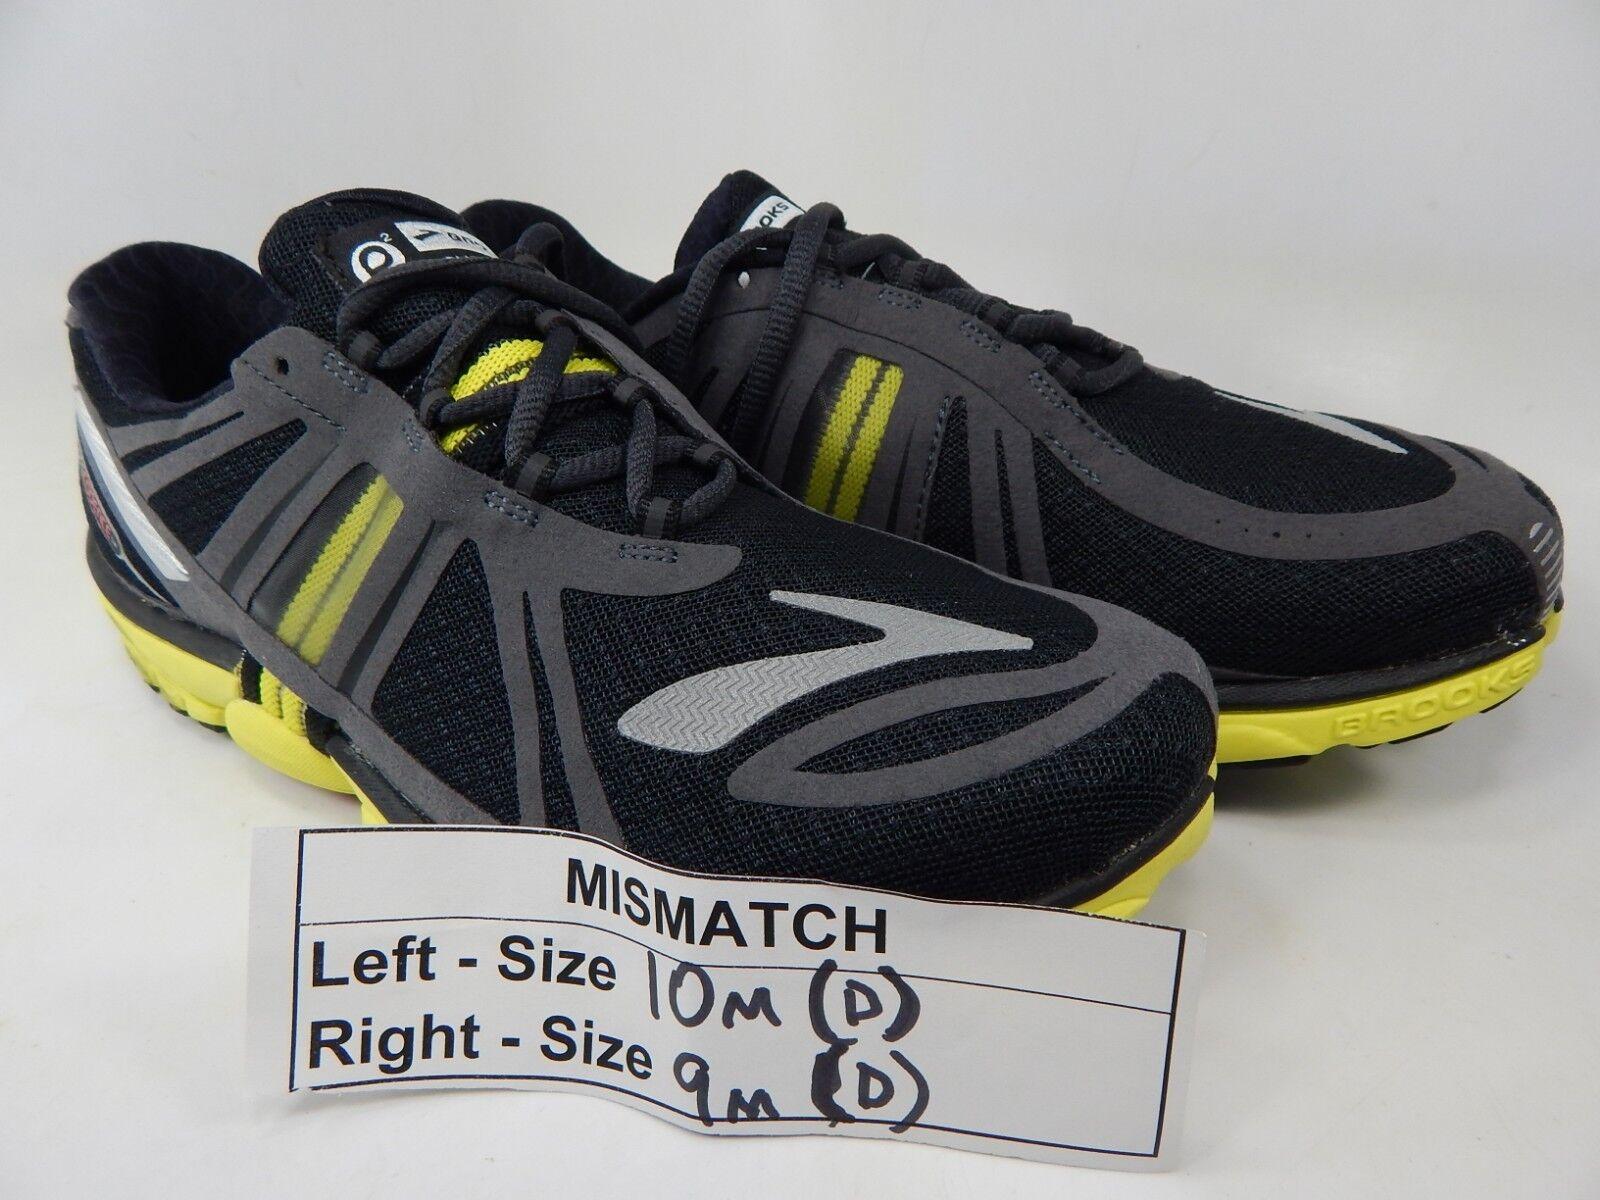 MISMATCH Brooks Pure Cadence 2 Size 10 M (D) Left & 9 M (D) Right Men's shoes